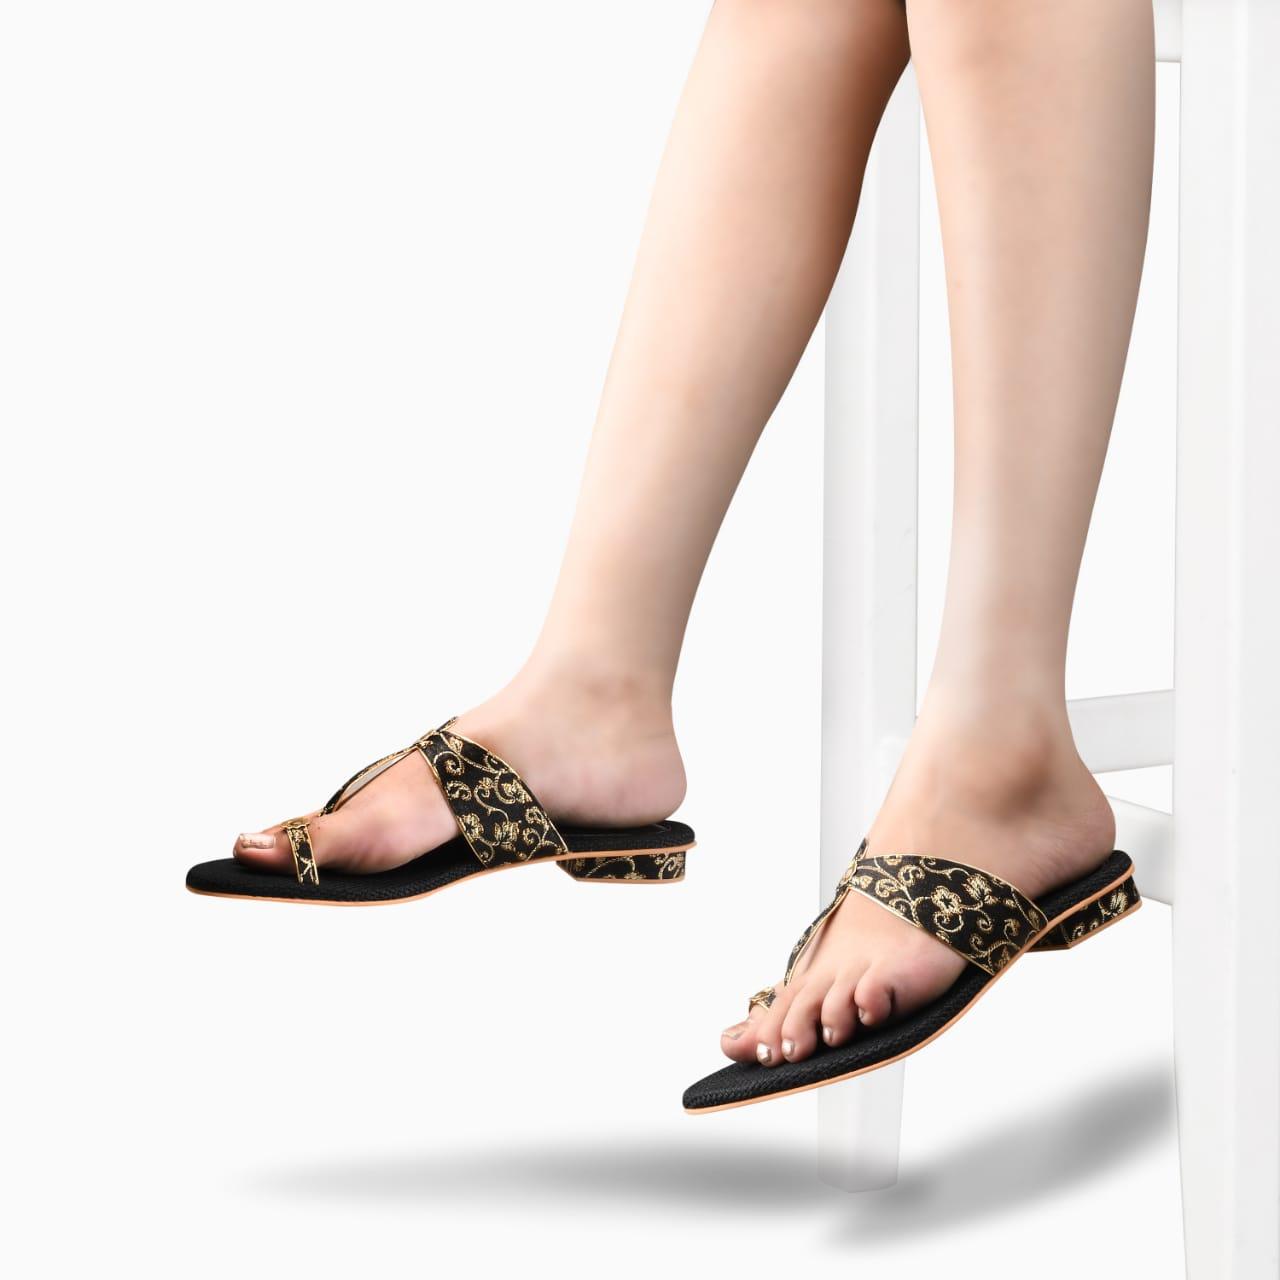 SALARIO | Salario Toe-Ring Chunky Heels